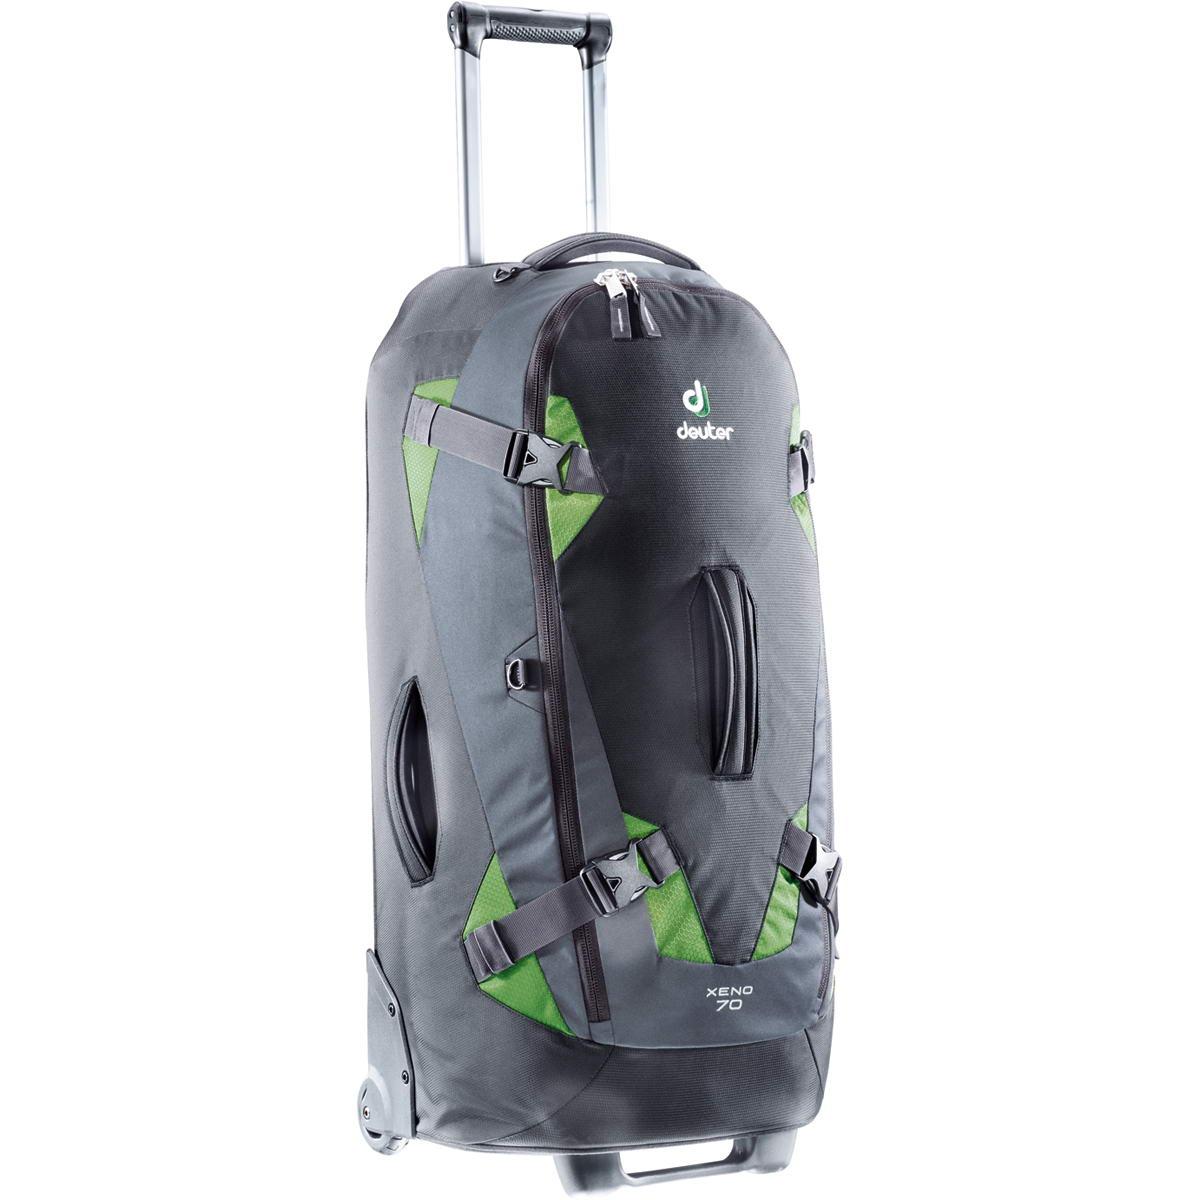 26e6e5d9c803 Deuter - Багажная сумка на колёсах Xeno 70 купить в интернет ...